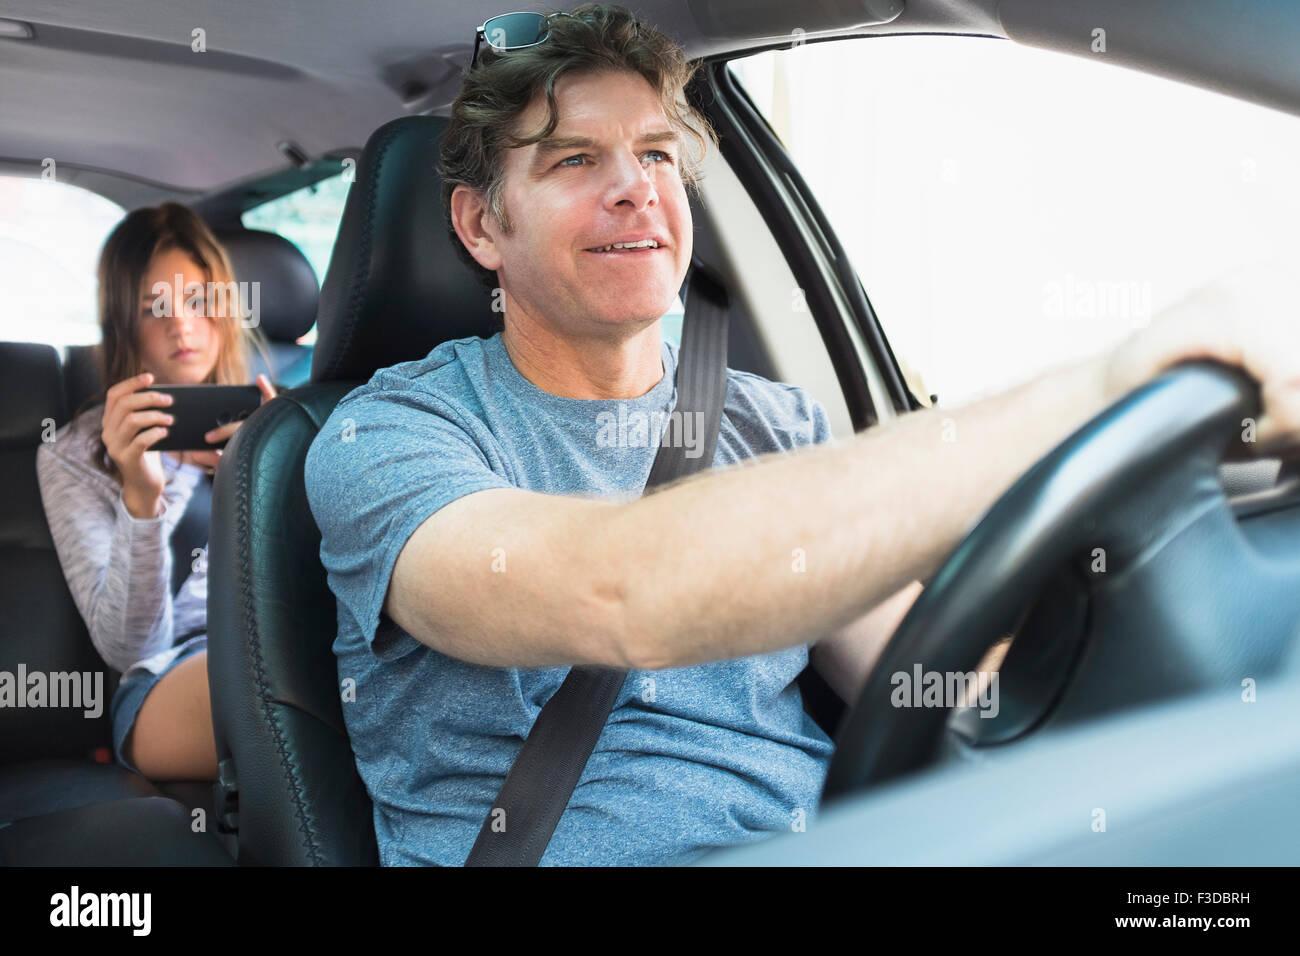 La conducción de automóviles, hombre joven (10-11) texto en segundo plano. Imagen De Stock